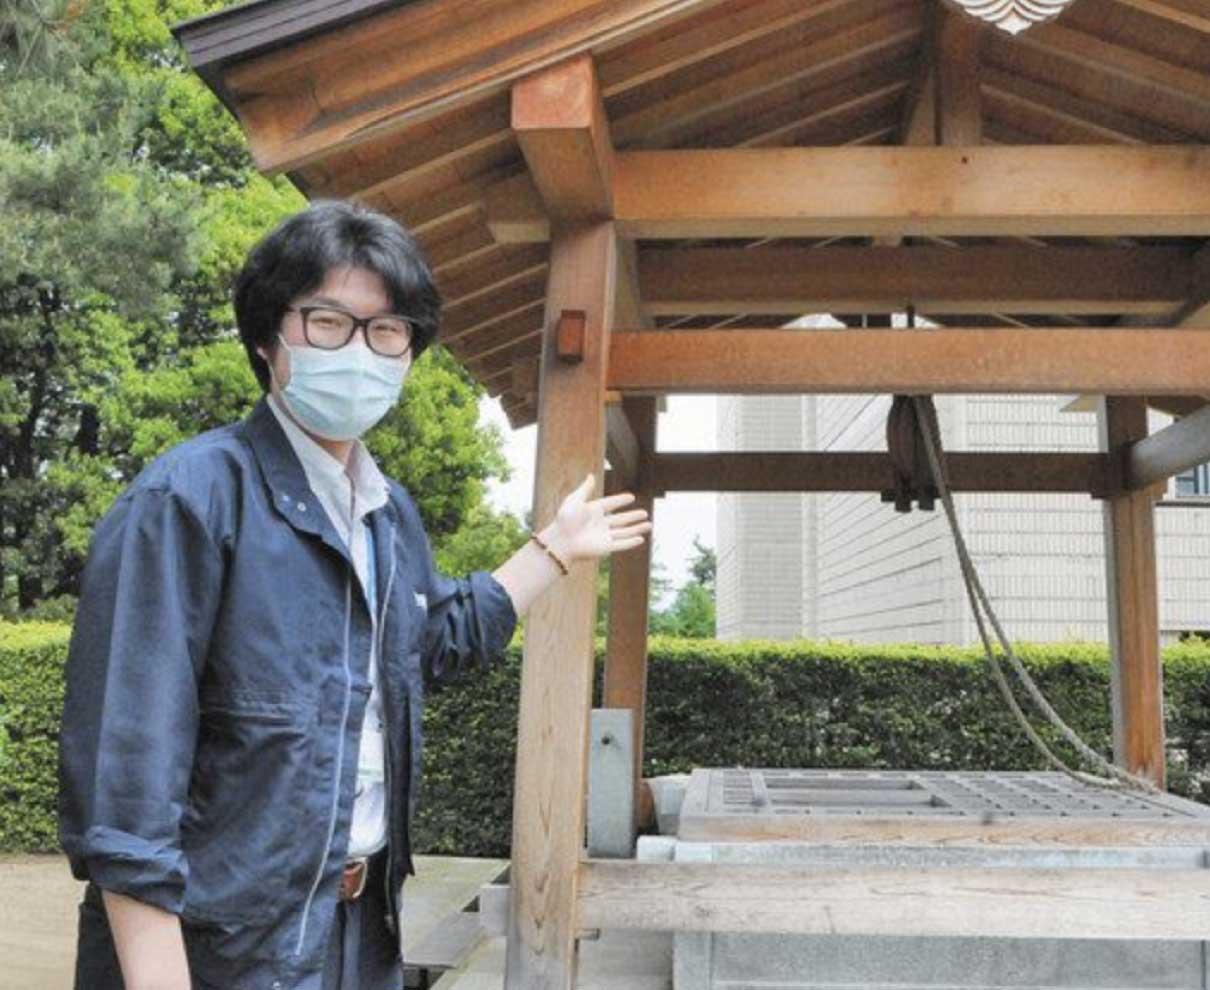 福井県の成り立ち知って 県立歴史博物館の伊藤さん 地図、古文書から読み解く